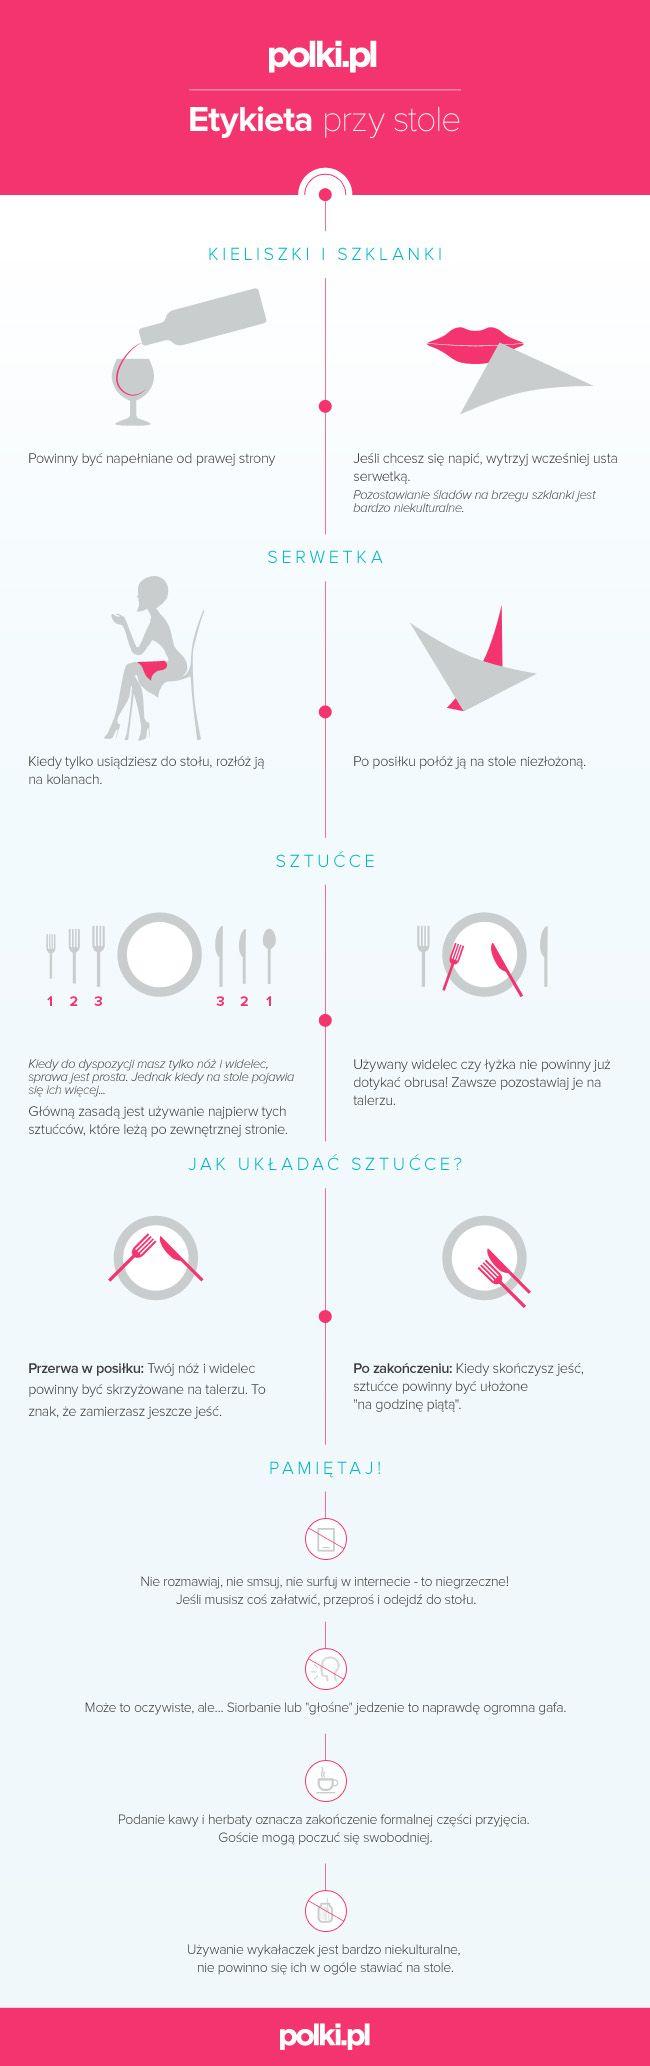 Etykieta przy stole: Jak zachować się przy stole? Jak ułożyć sztućce? Co oznacza podanie kawy? Już wiesz! #polkipl #infografika